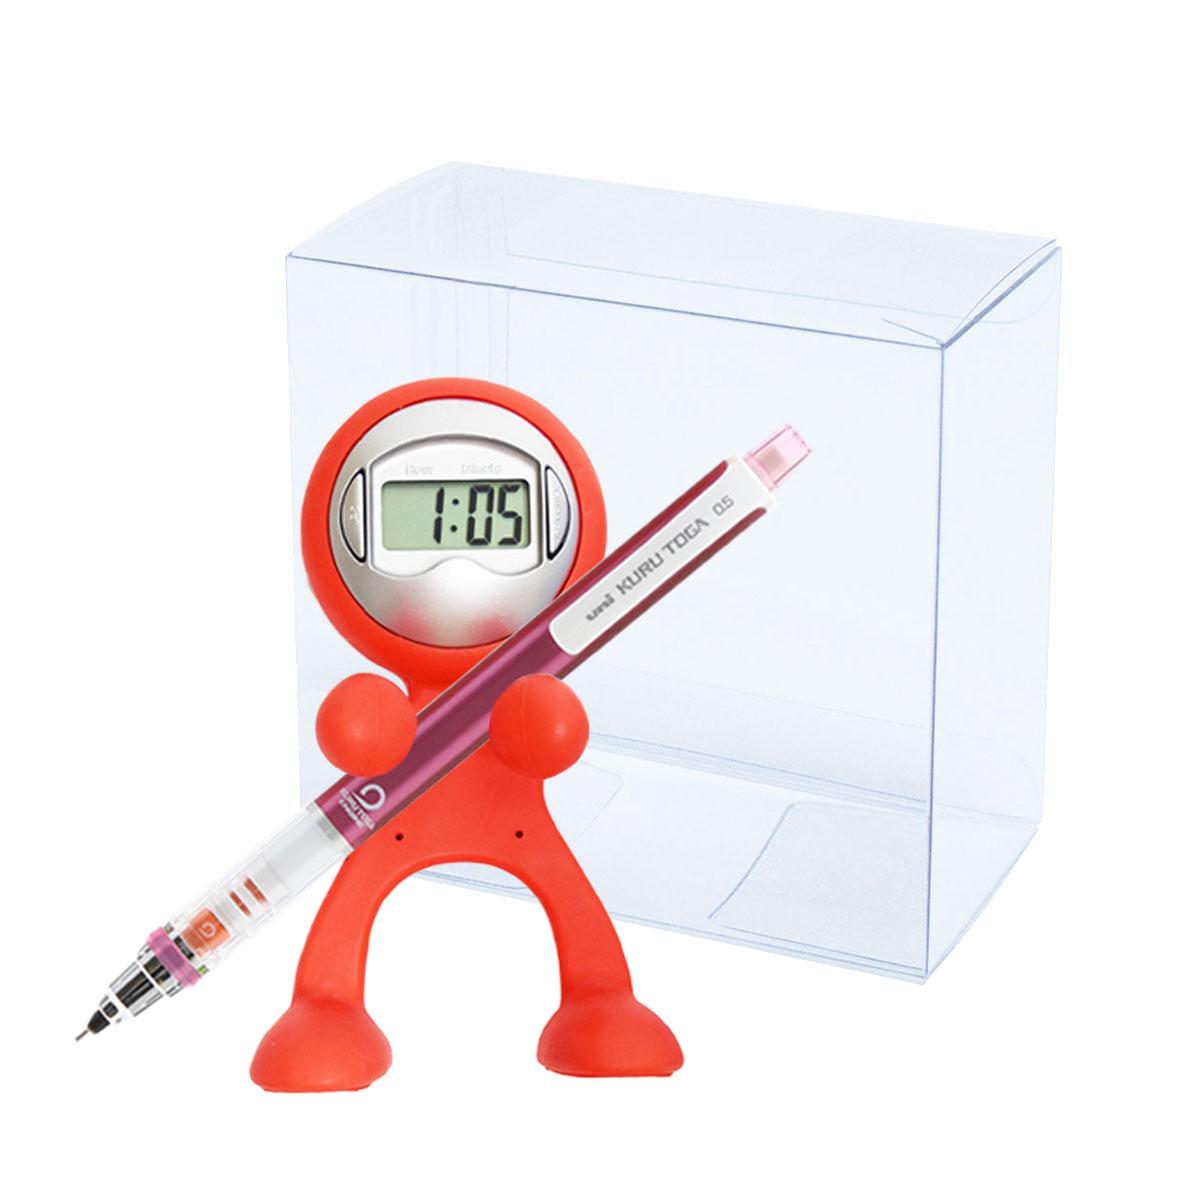 クロックレンジャー 三菱鉛筆 クルトガ シャープペンセット